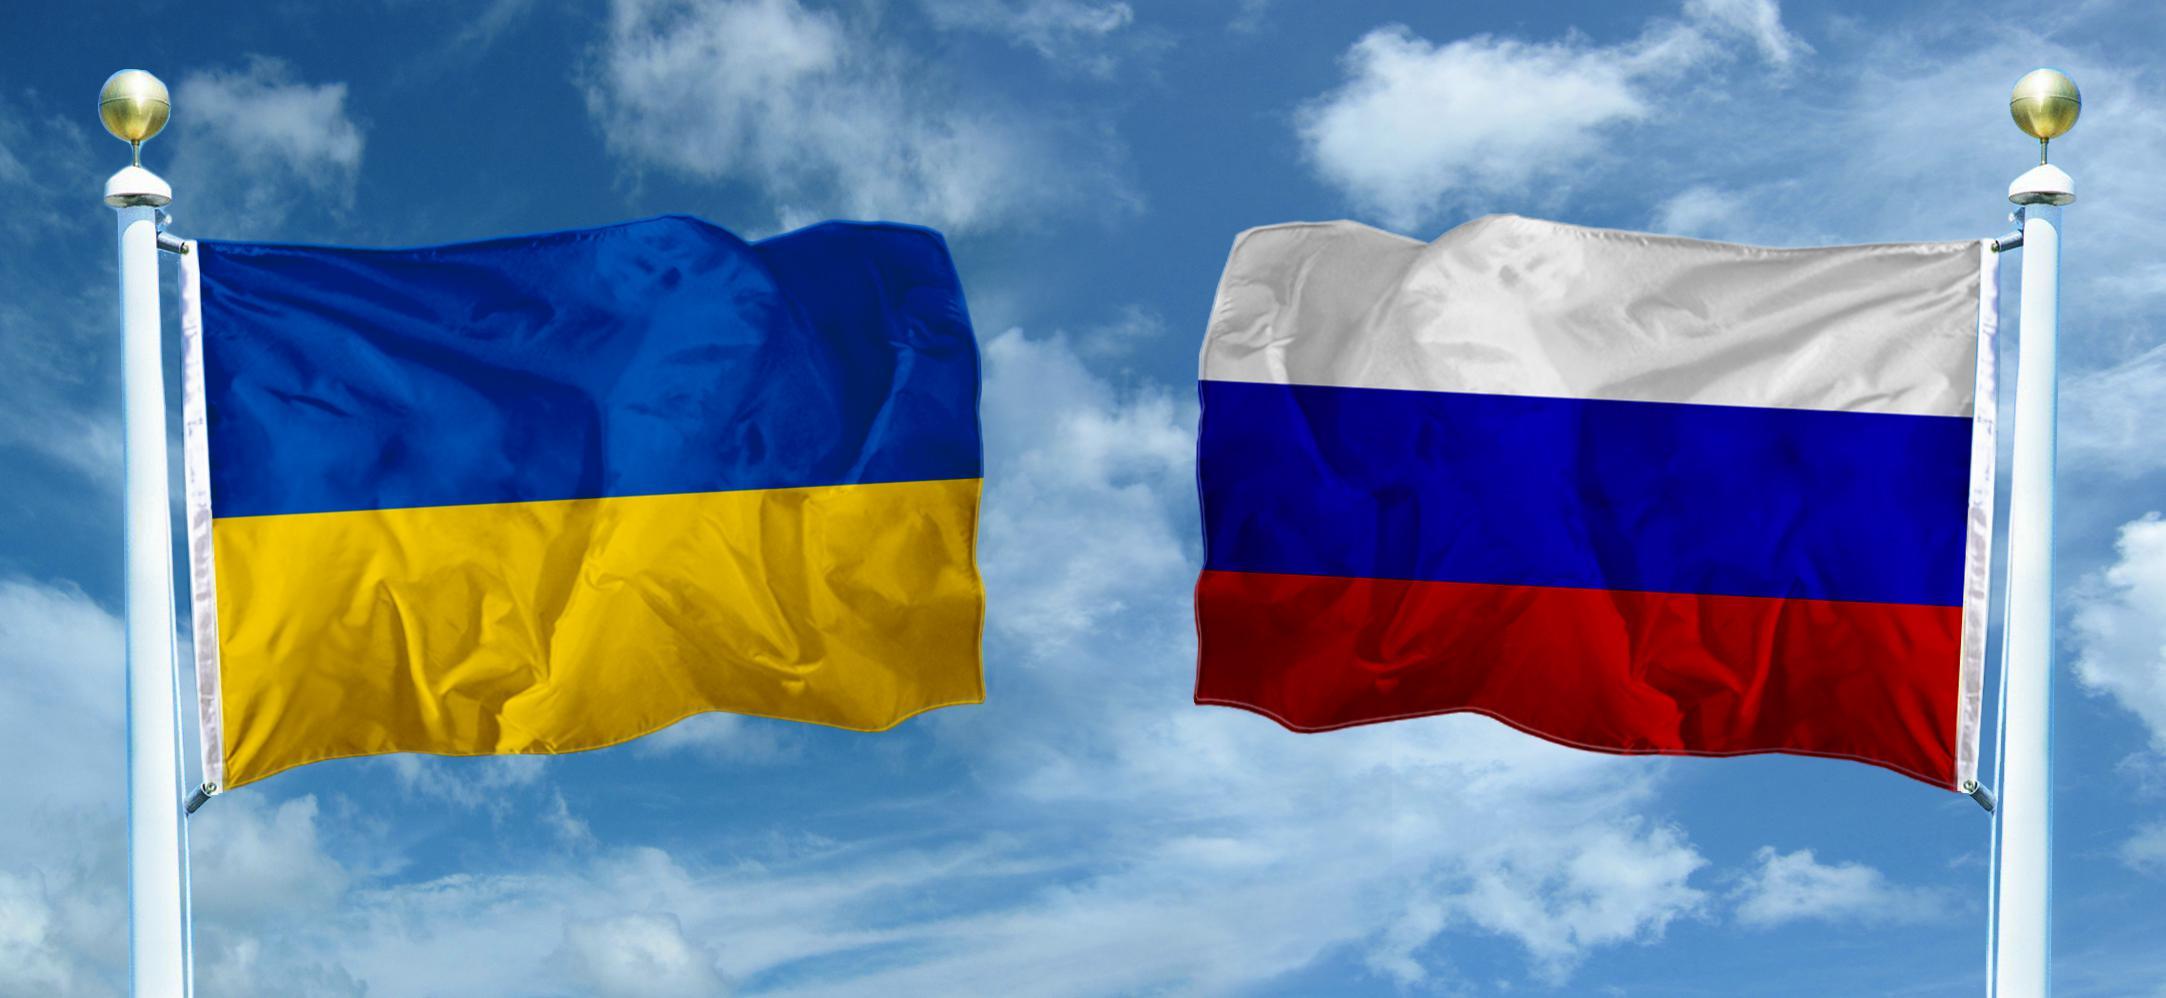 газпром, новости россии, долг Газпрома, европа, газовая война, цены на газ